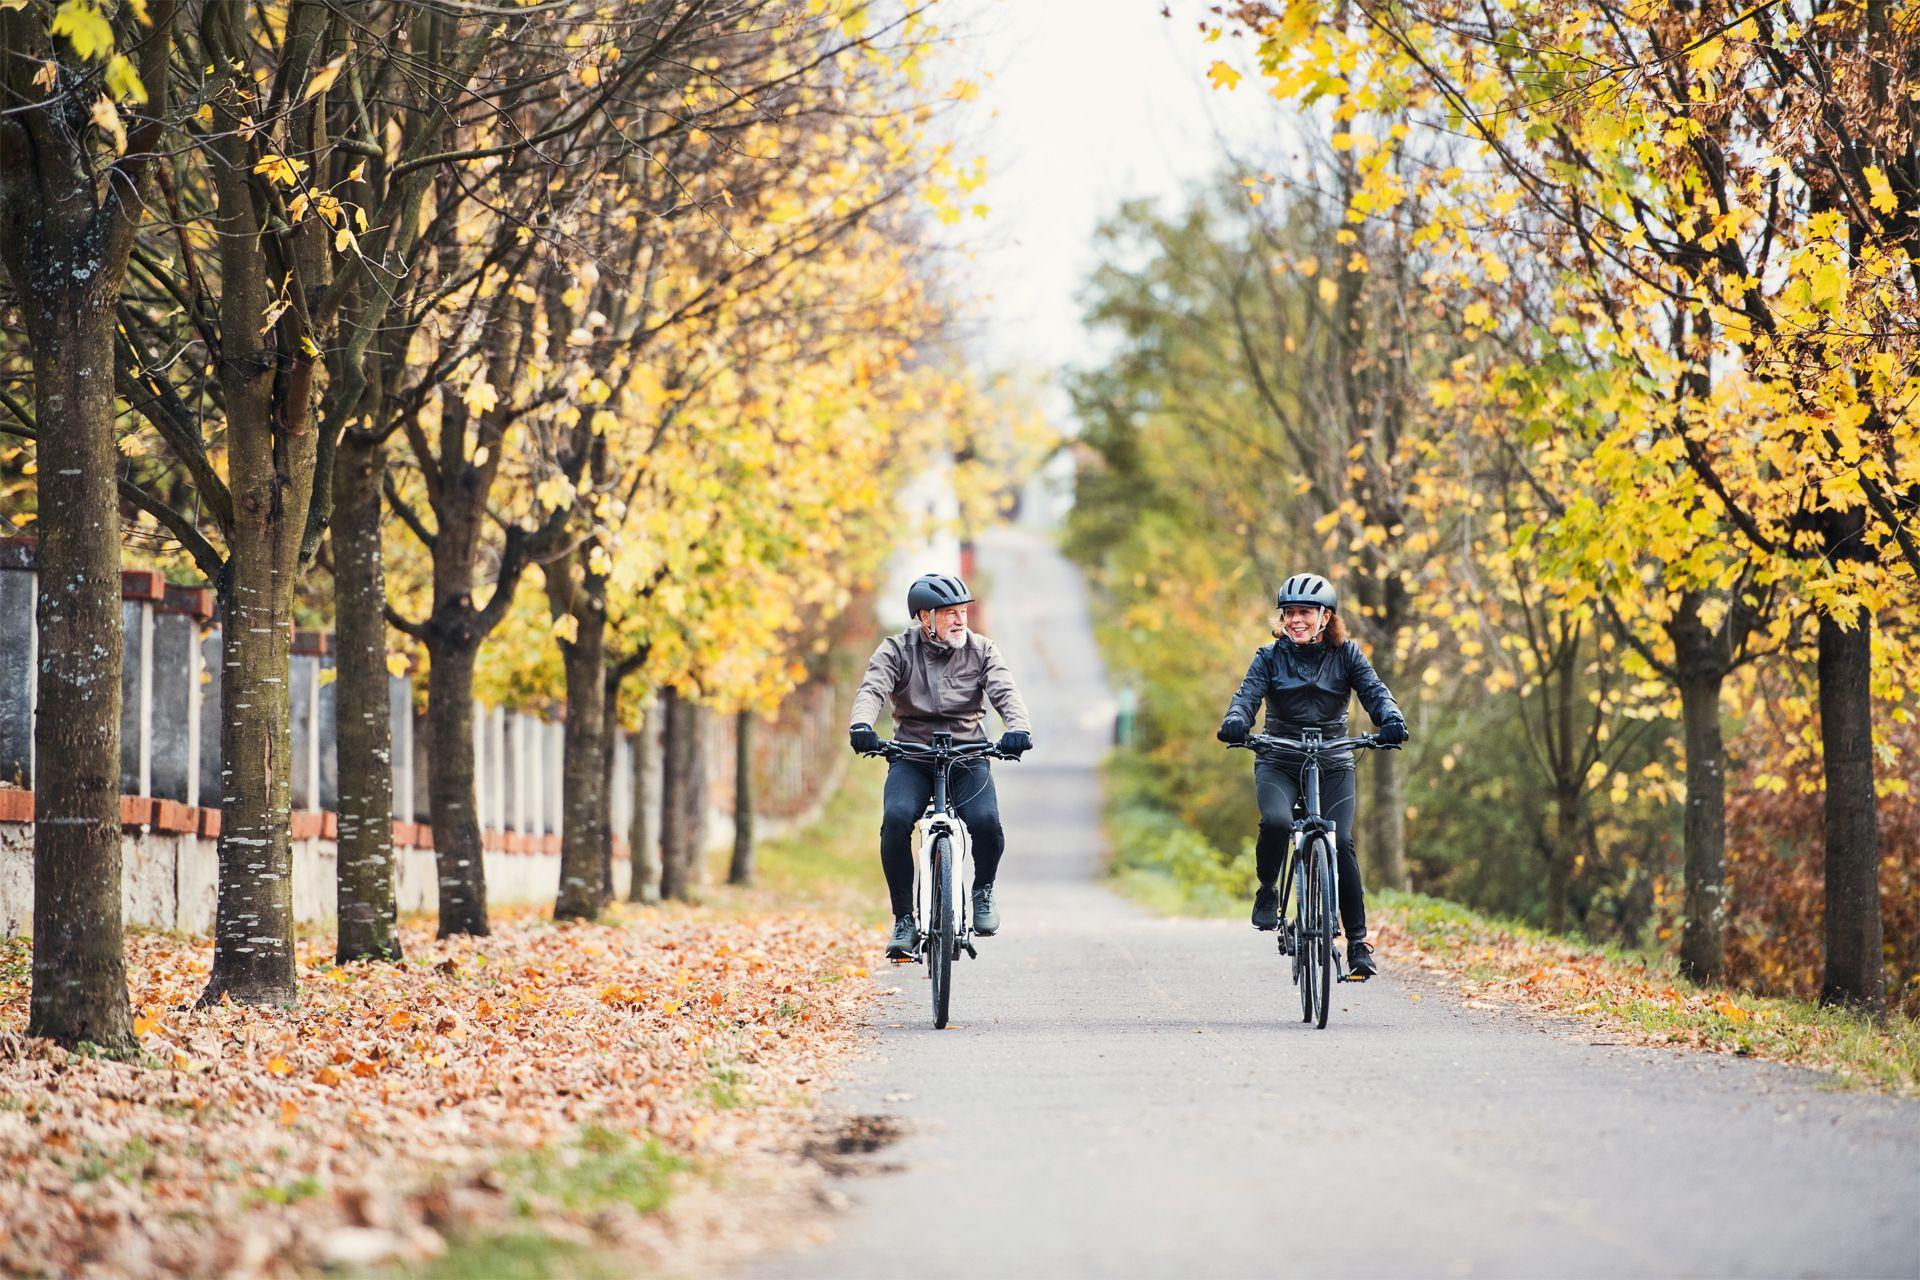 Come scegliere una bicicletta: consigli pratici per non sbagliare